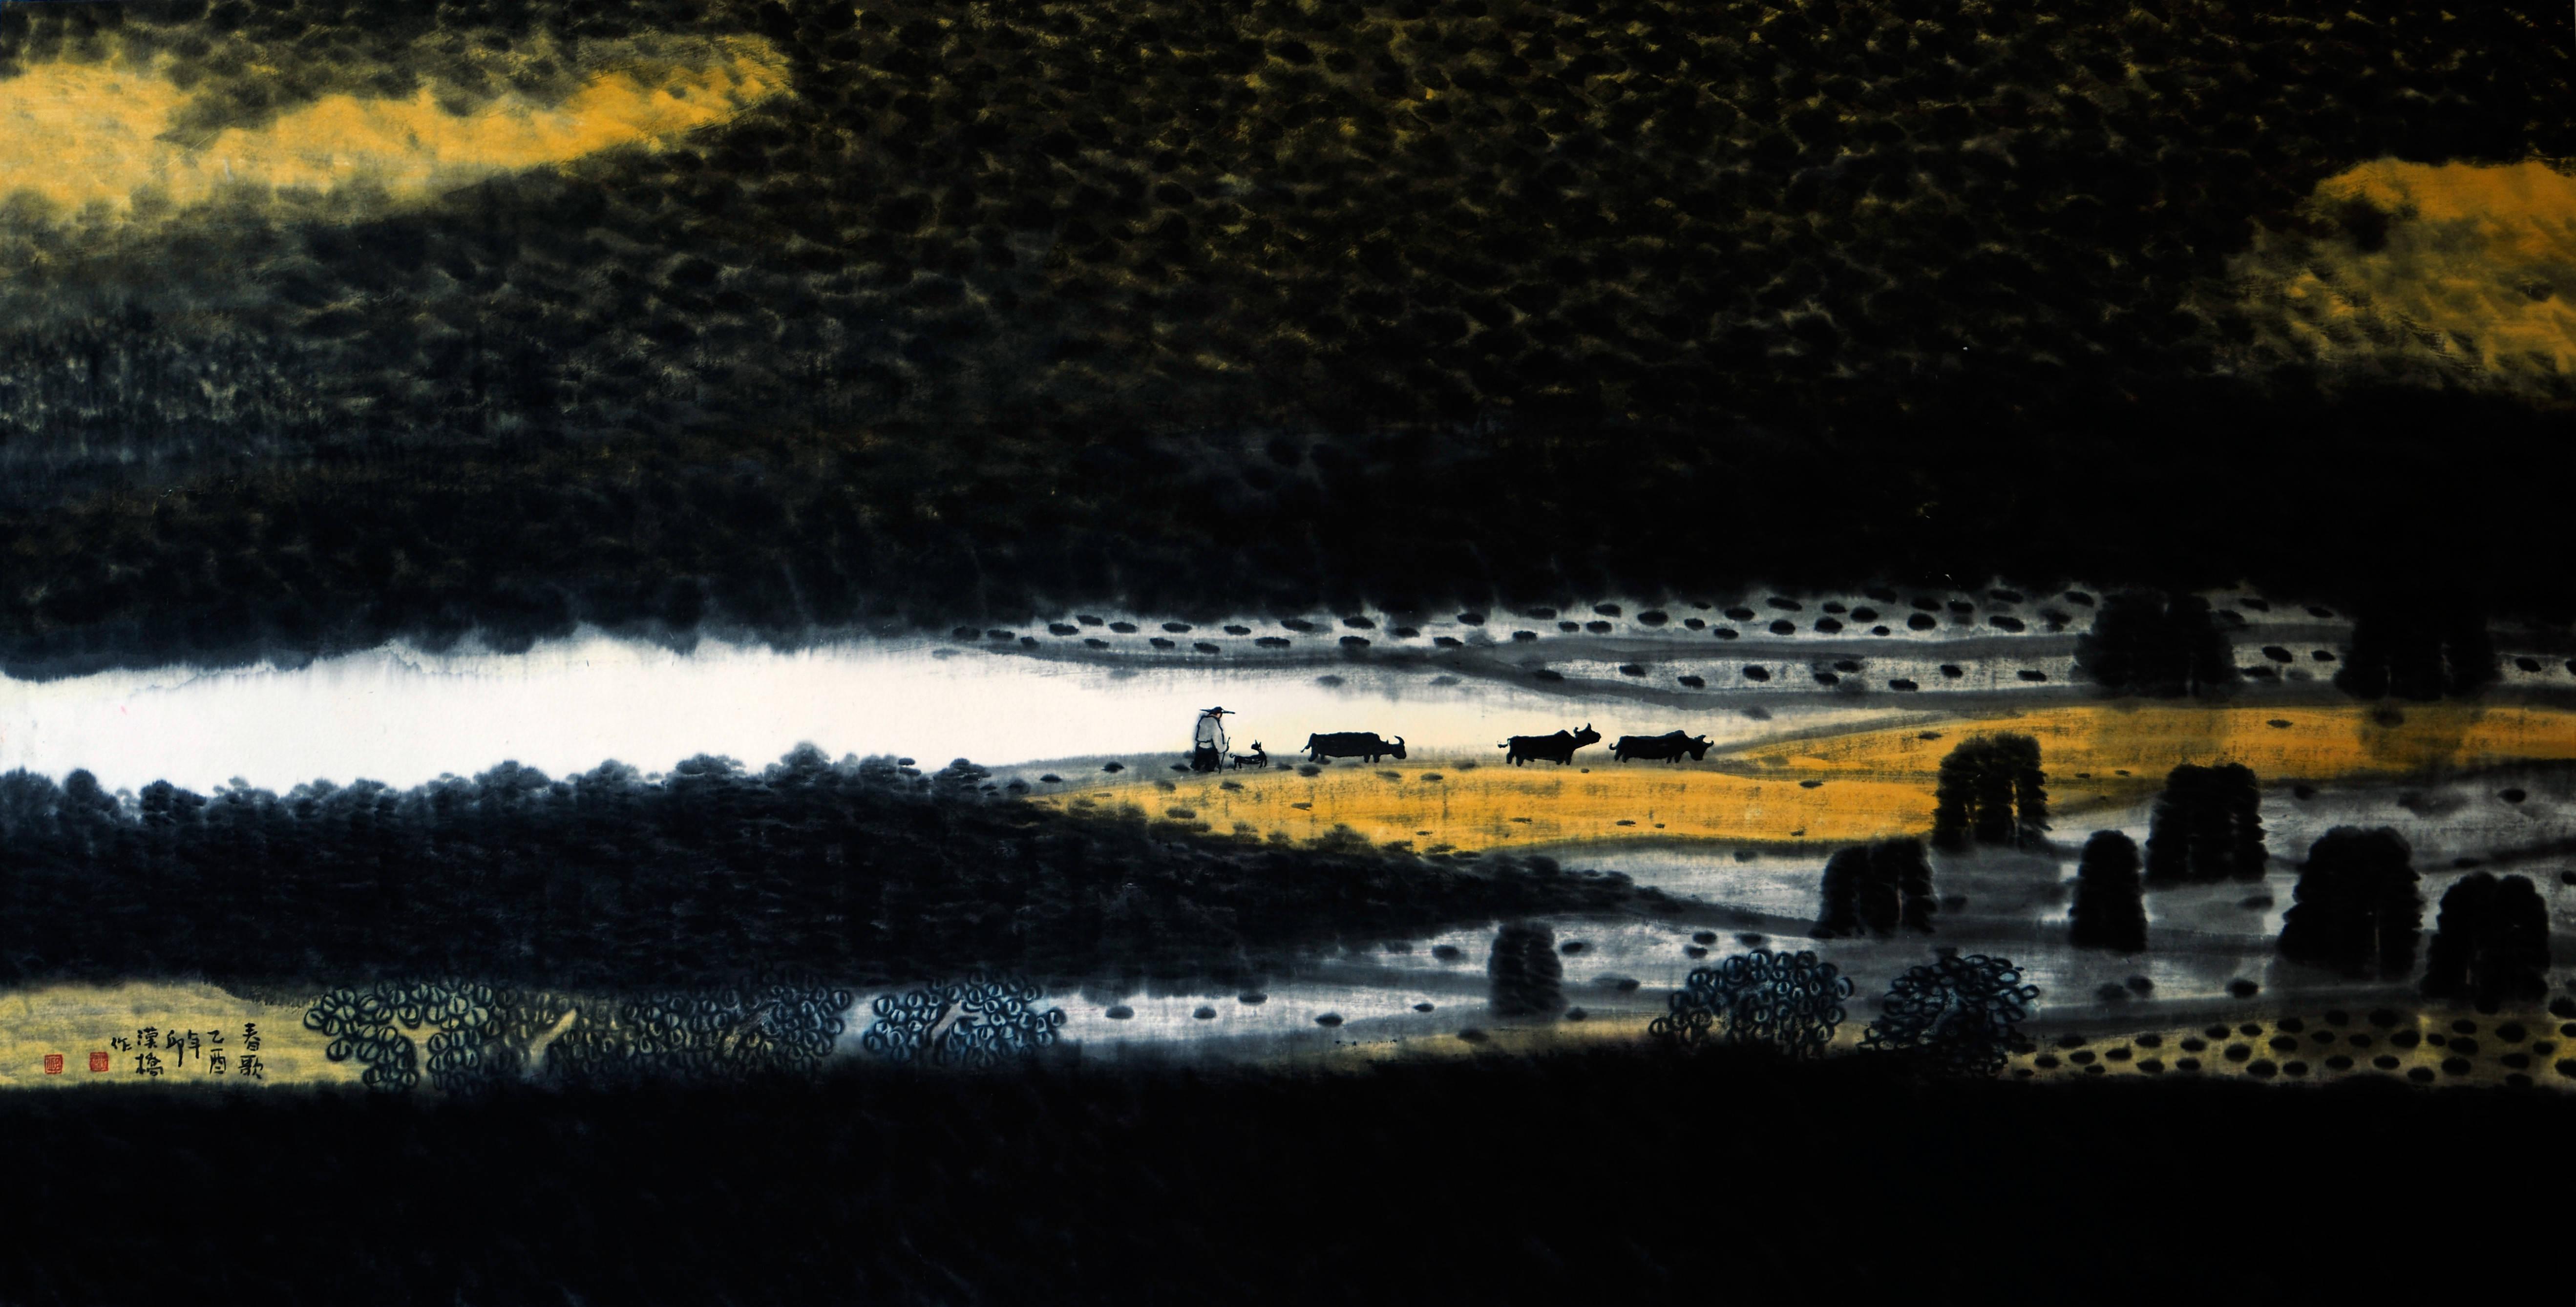 邱汉桥山水画:既有传统的质朴厚重,又有当代的雅致灵动